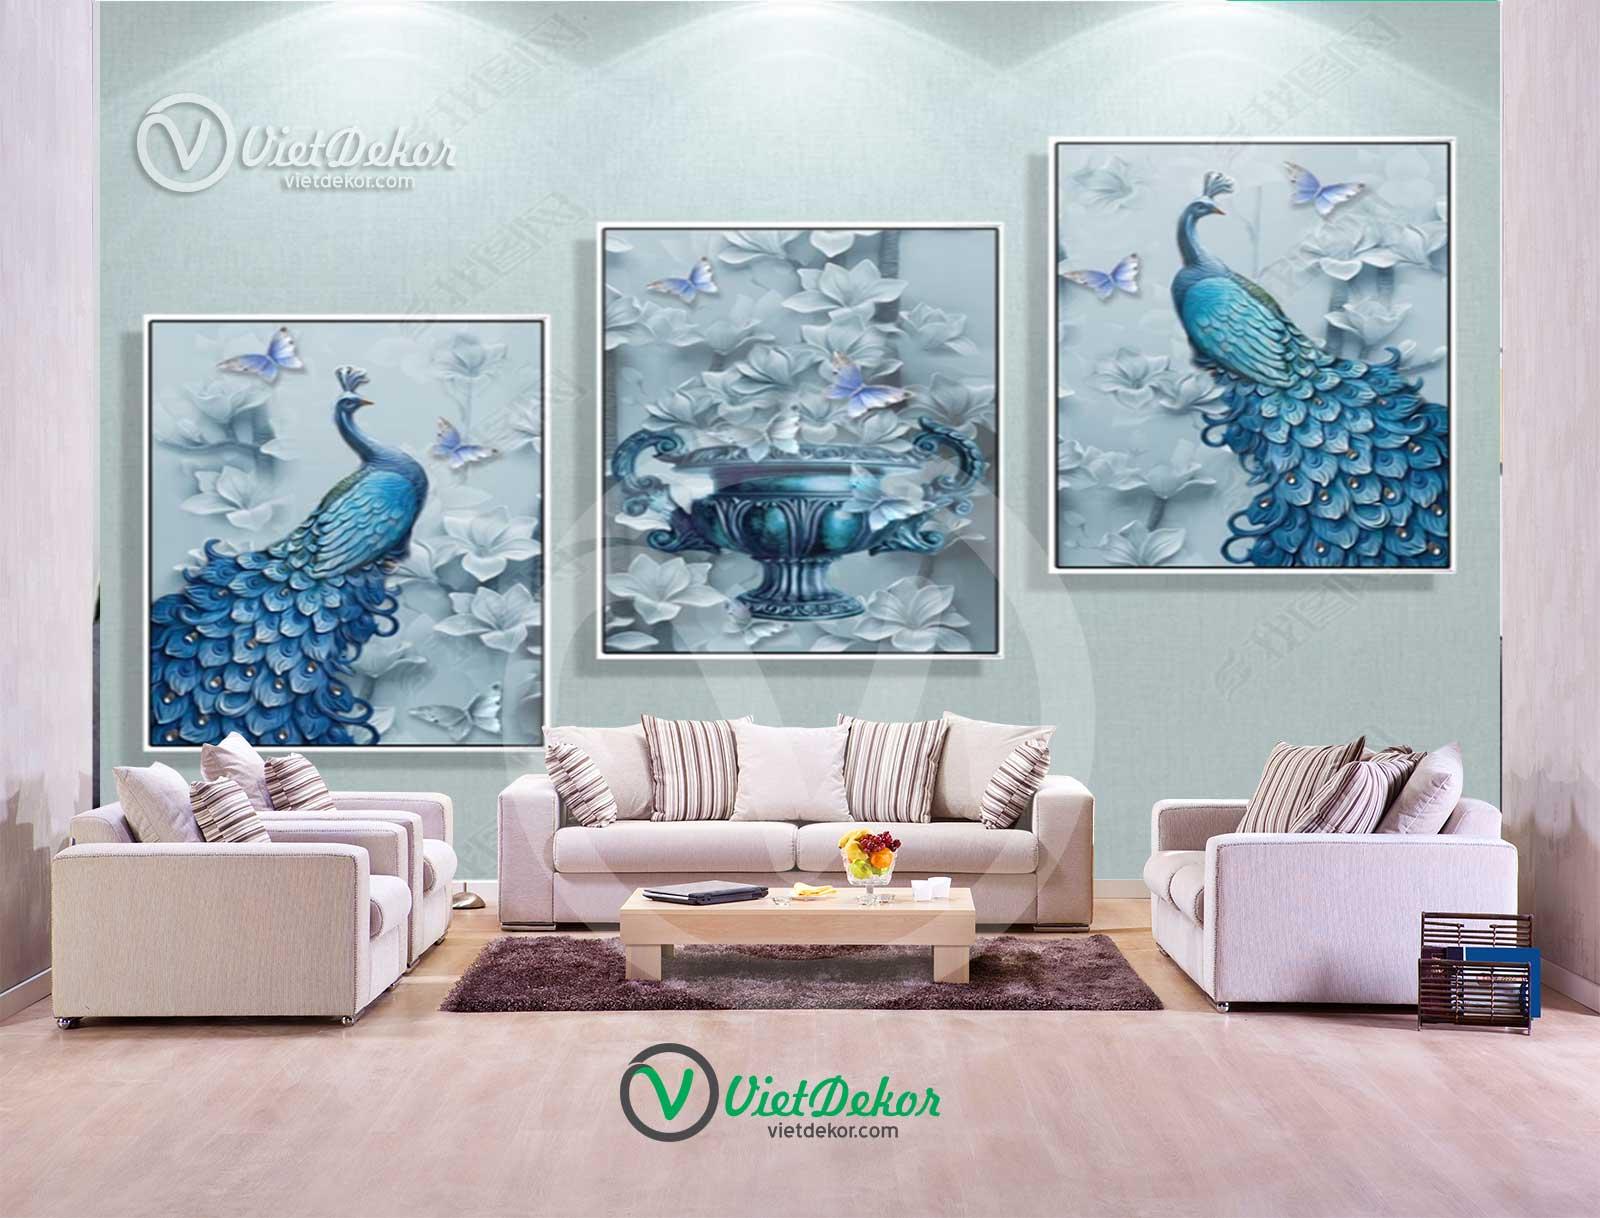 Tranh bộ treo tường 3d chim công xanh